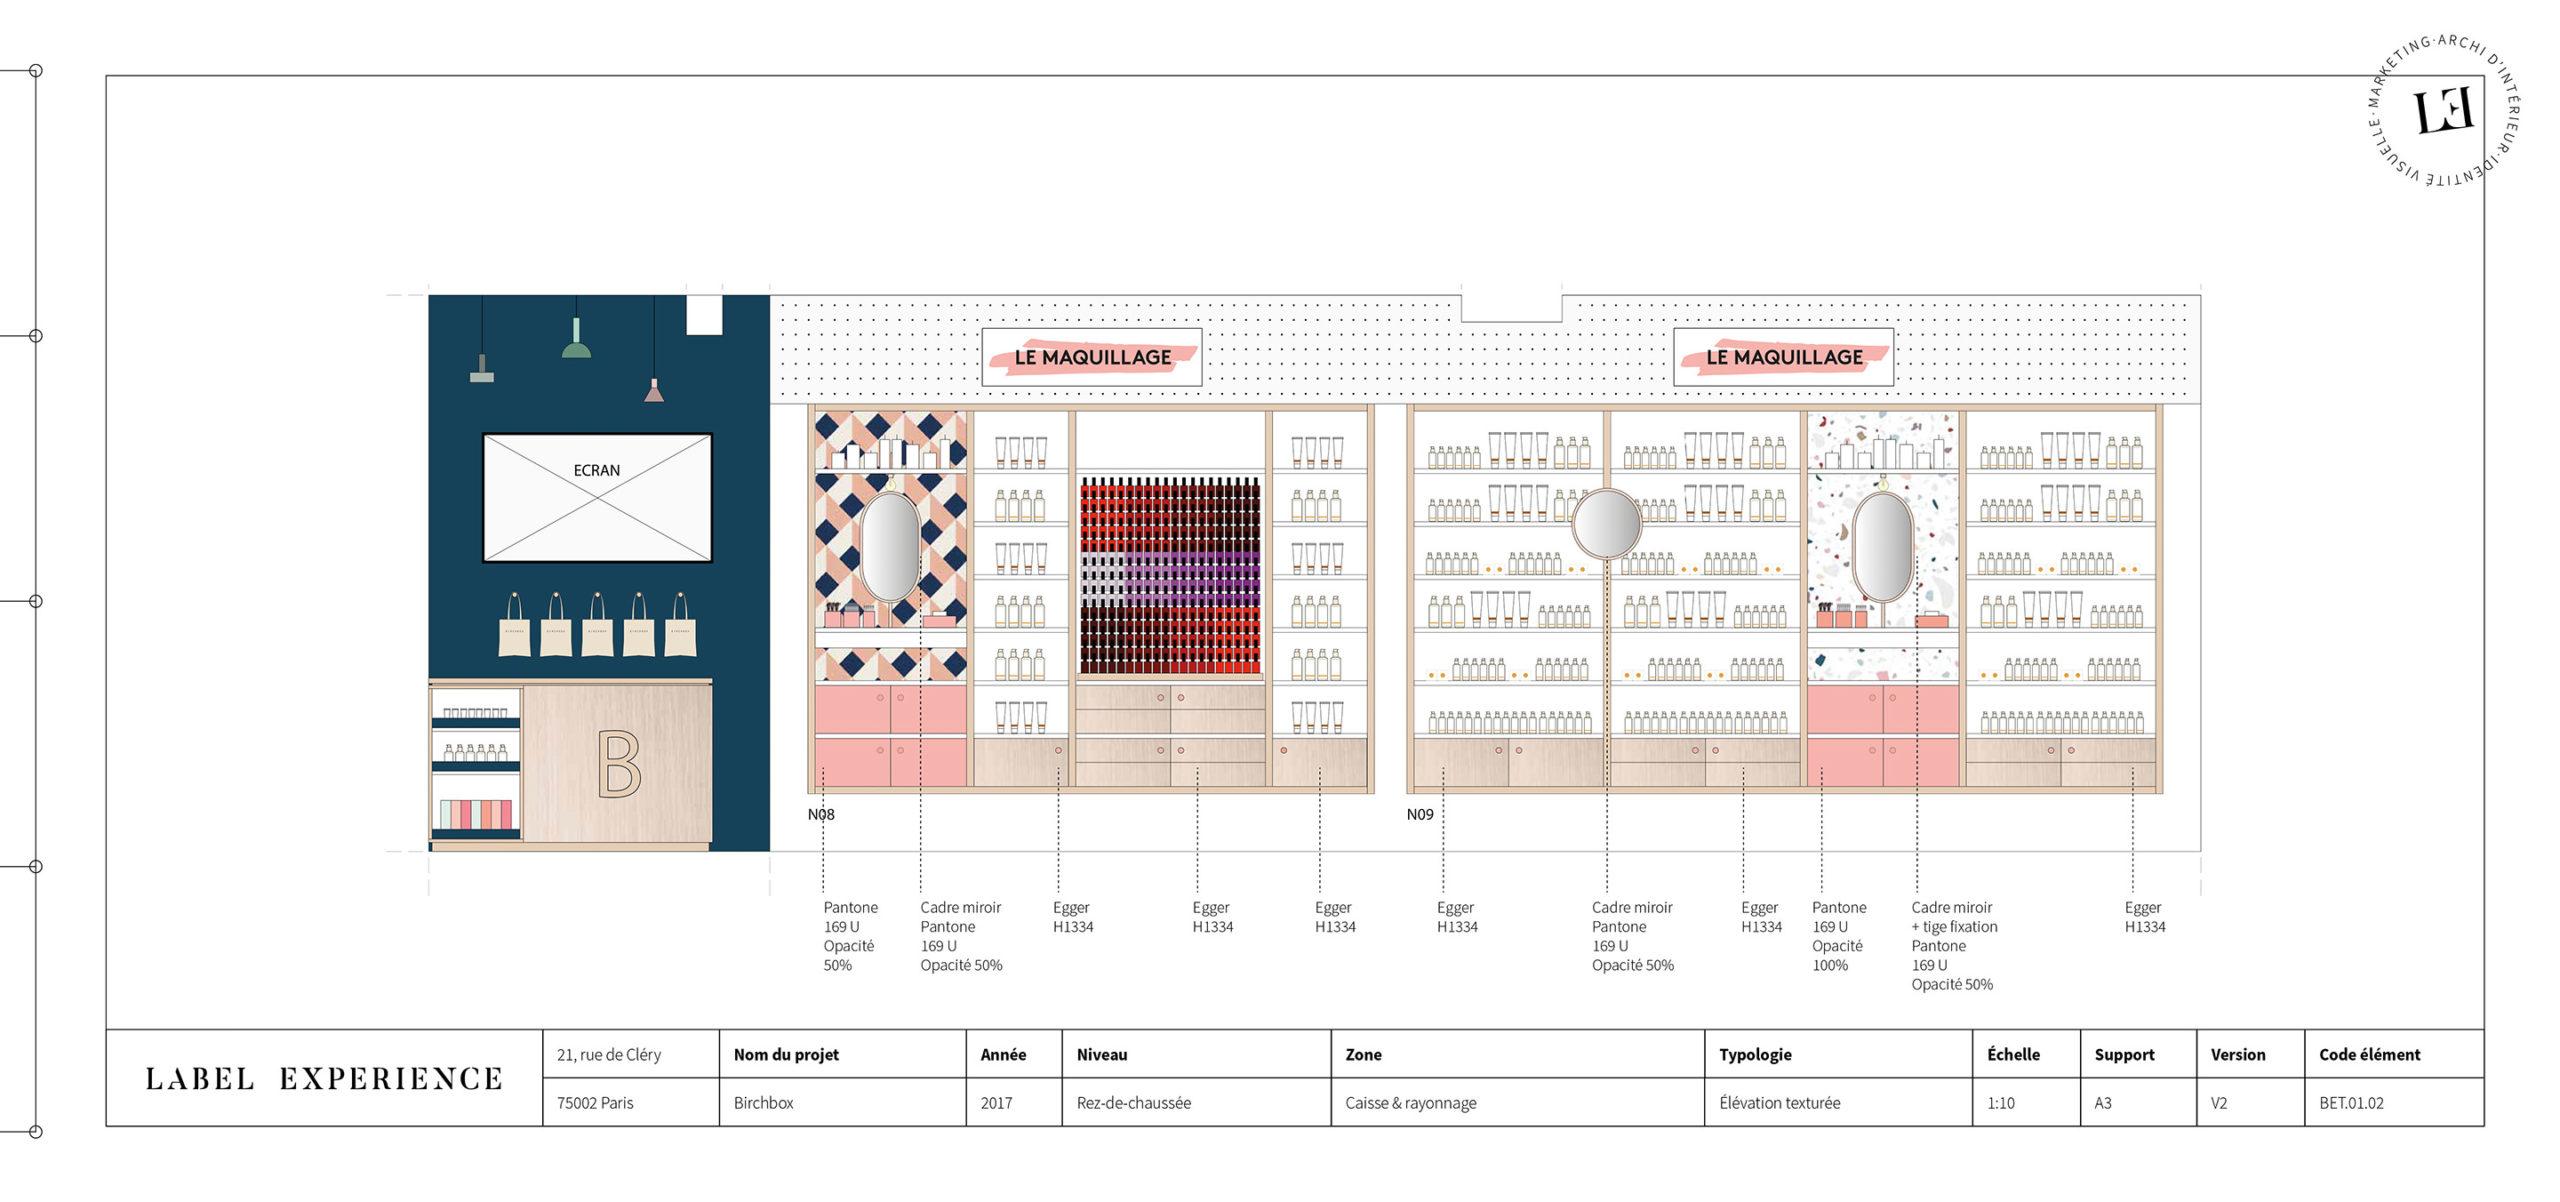 Label Experience : coupe architecturale de l'espace maquillage dans la boutique Birchbox à Paris